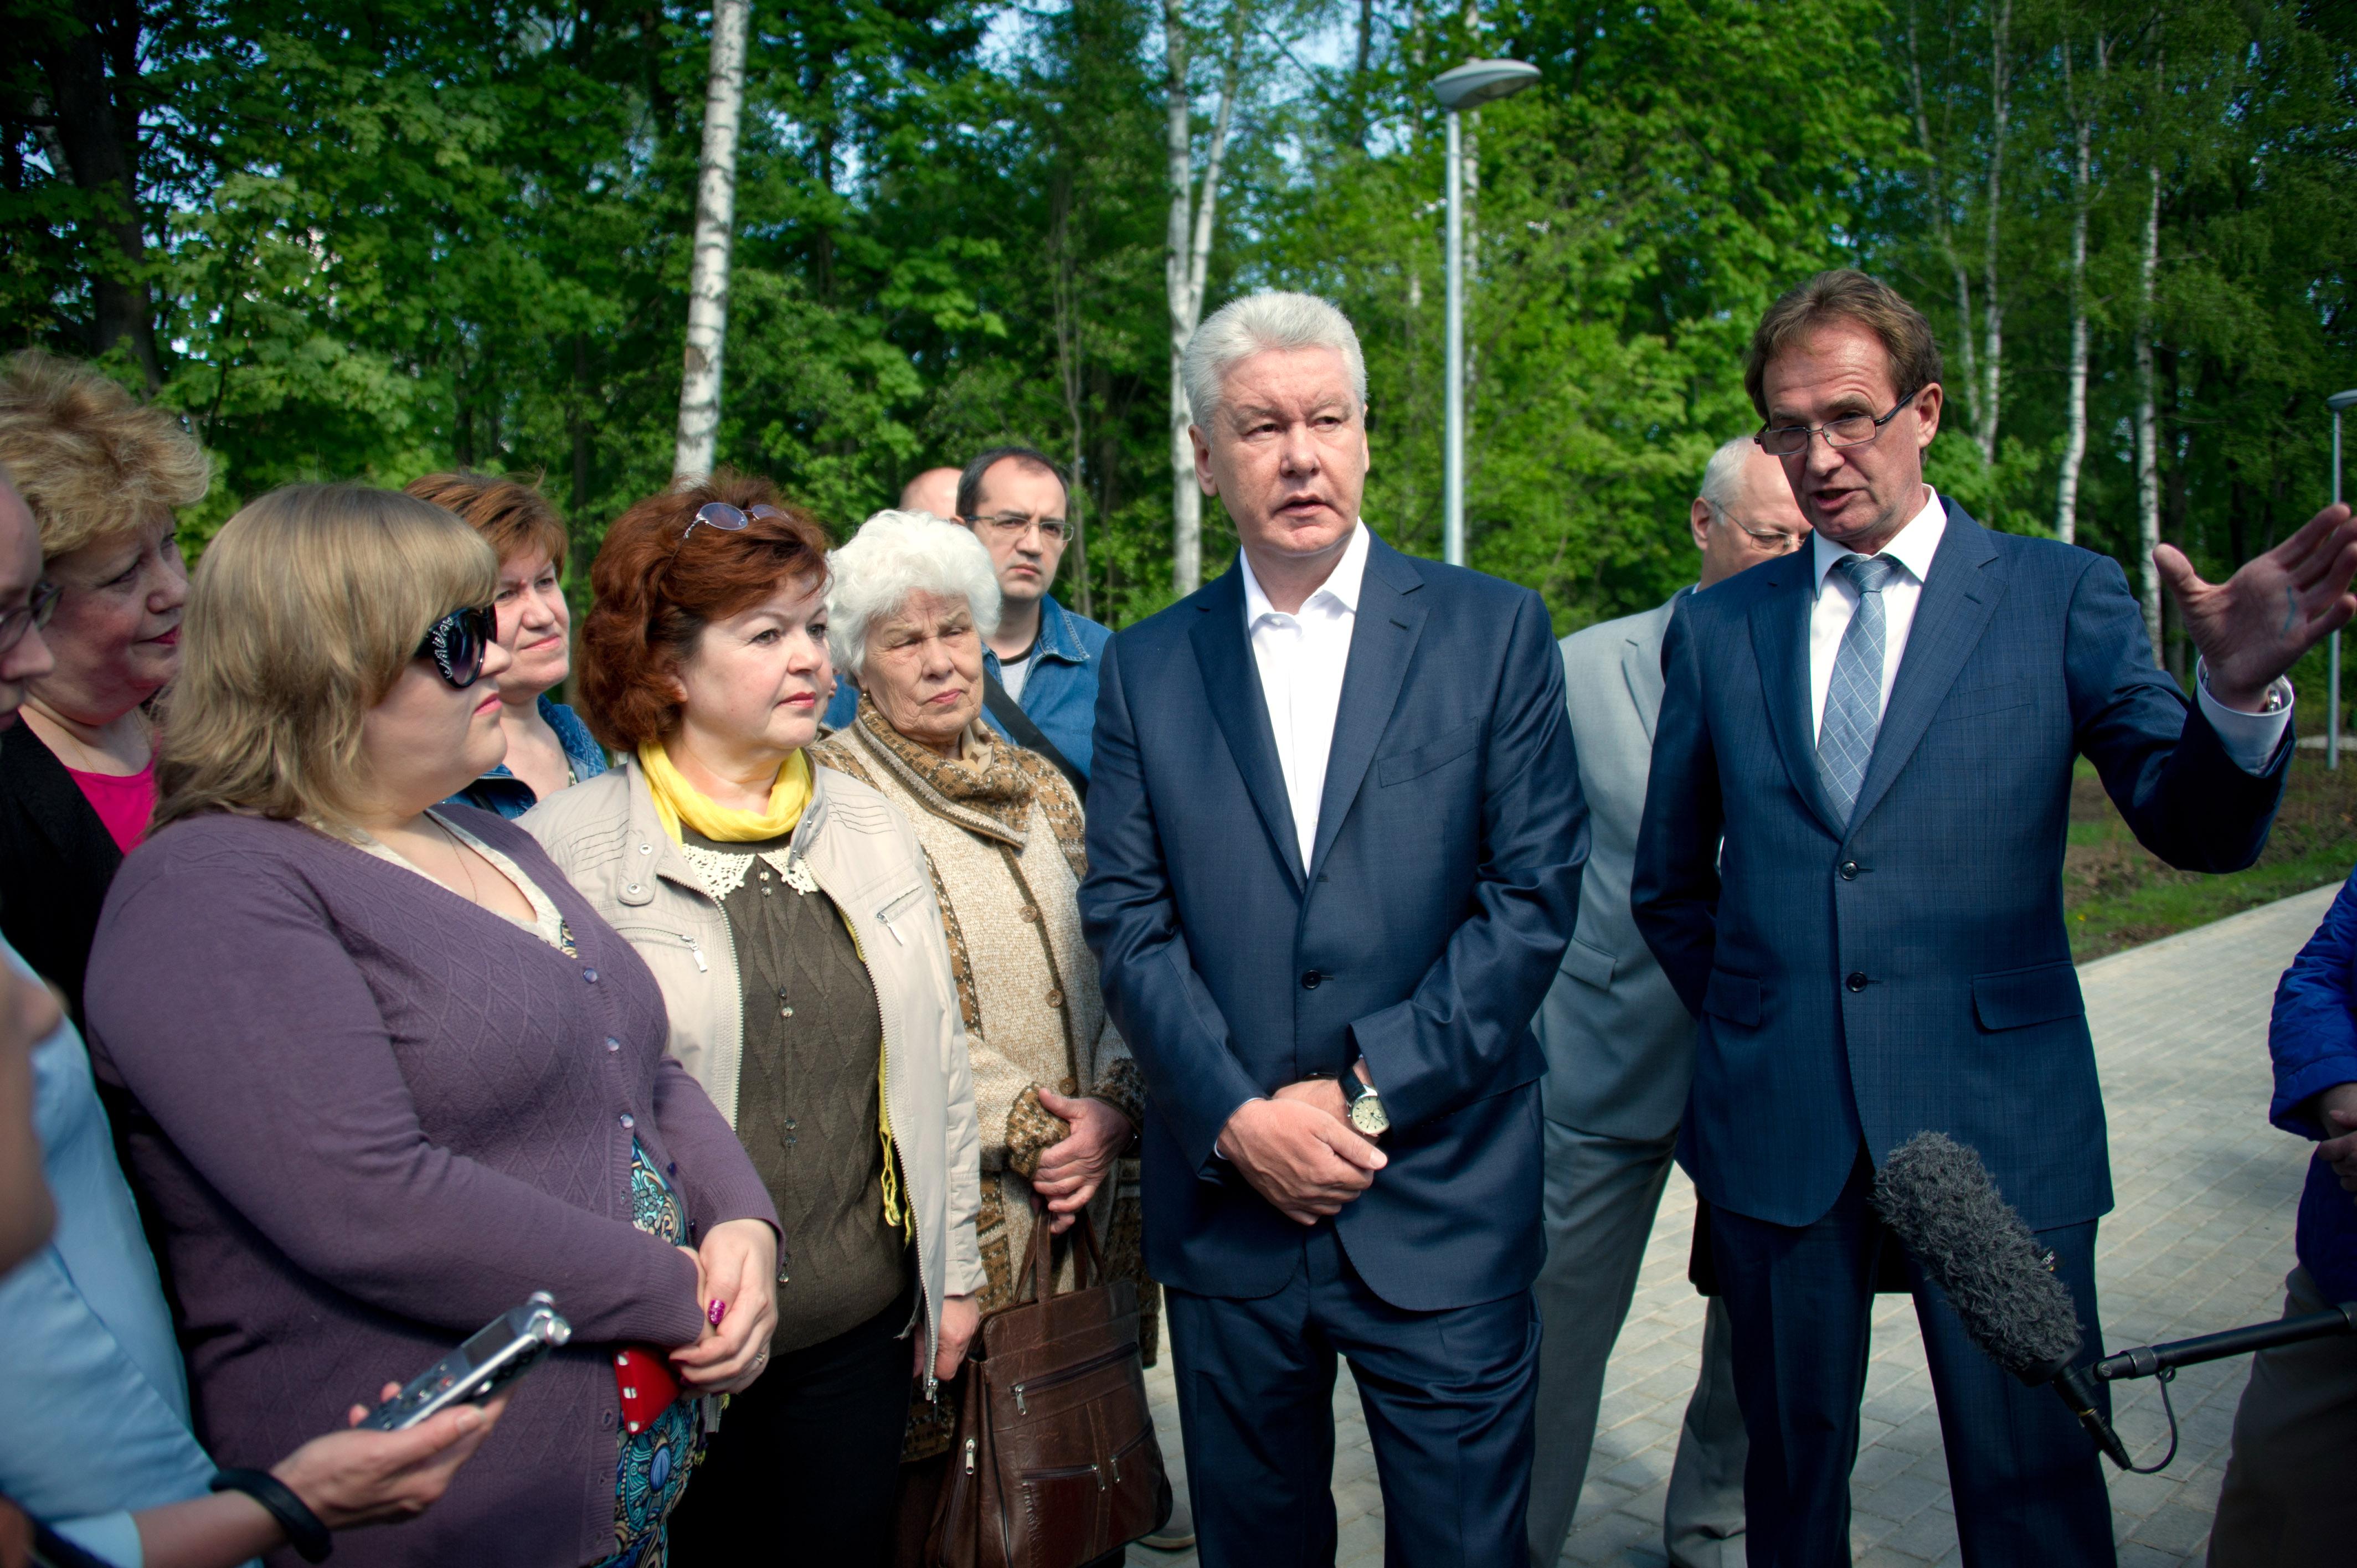 Сергей Собянин посещает Зеленоградский округ города Москвы